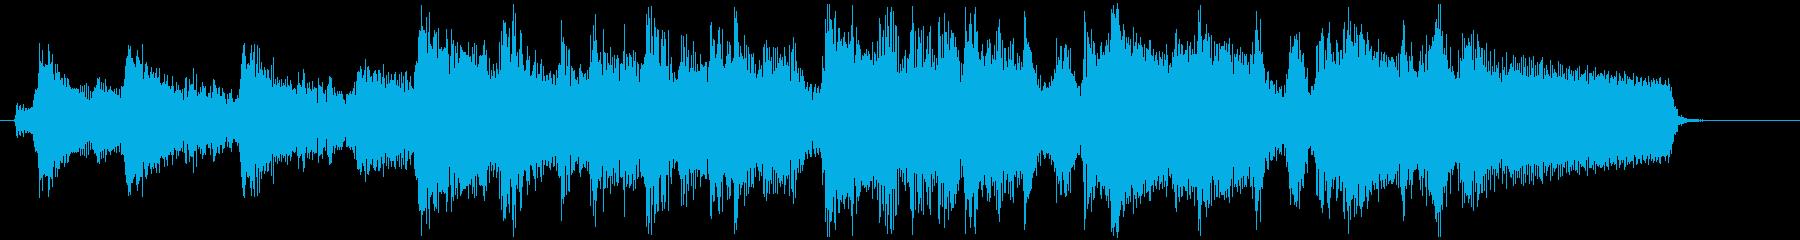 場面転換に最適な軽快なボサノバジングルの再生済みの波形